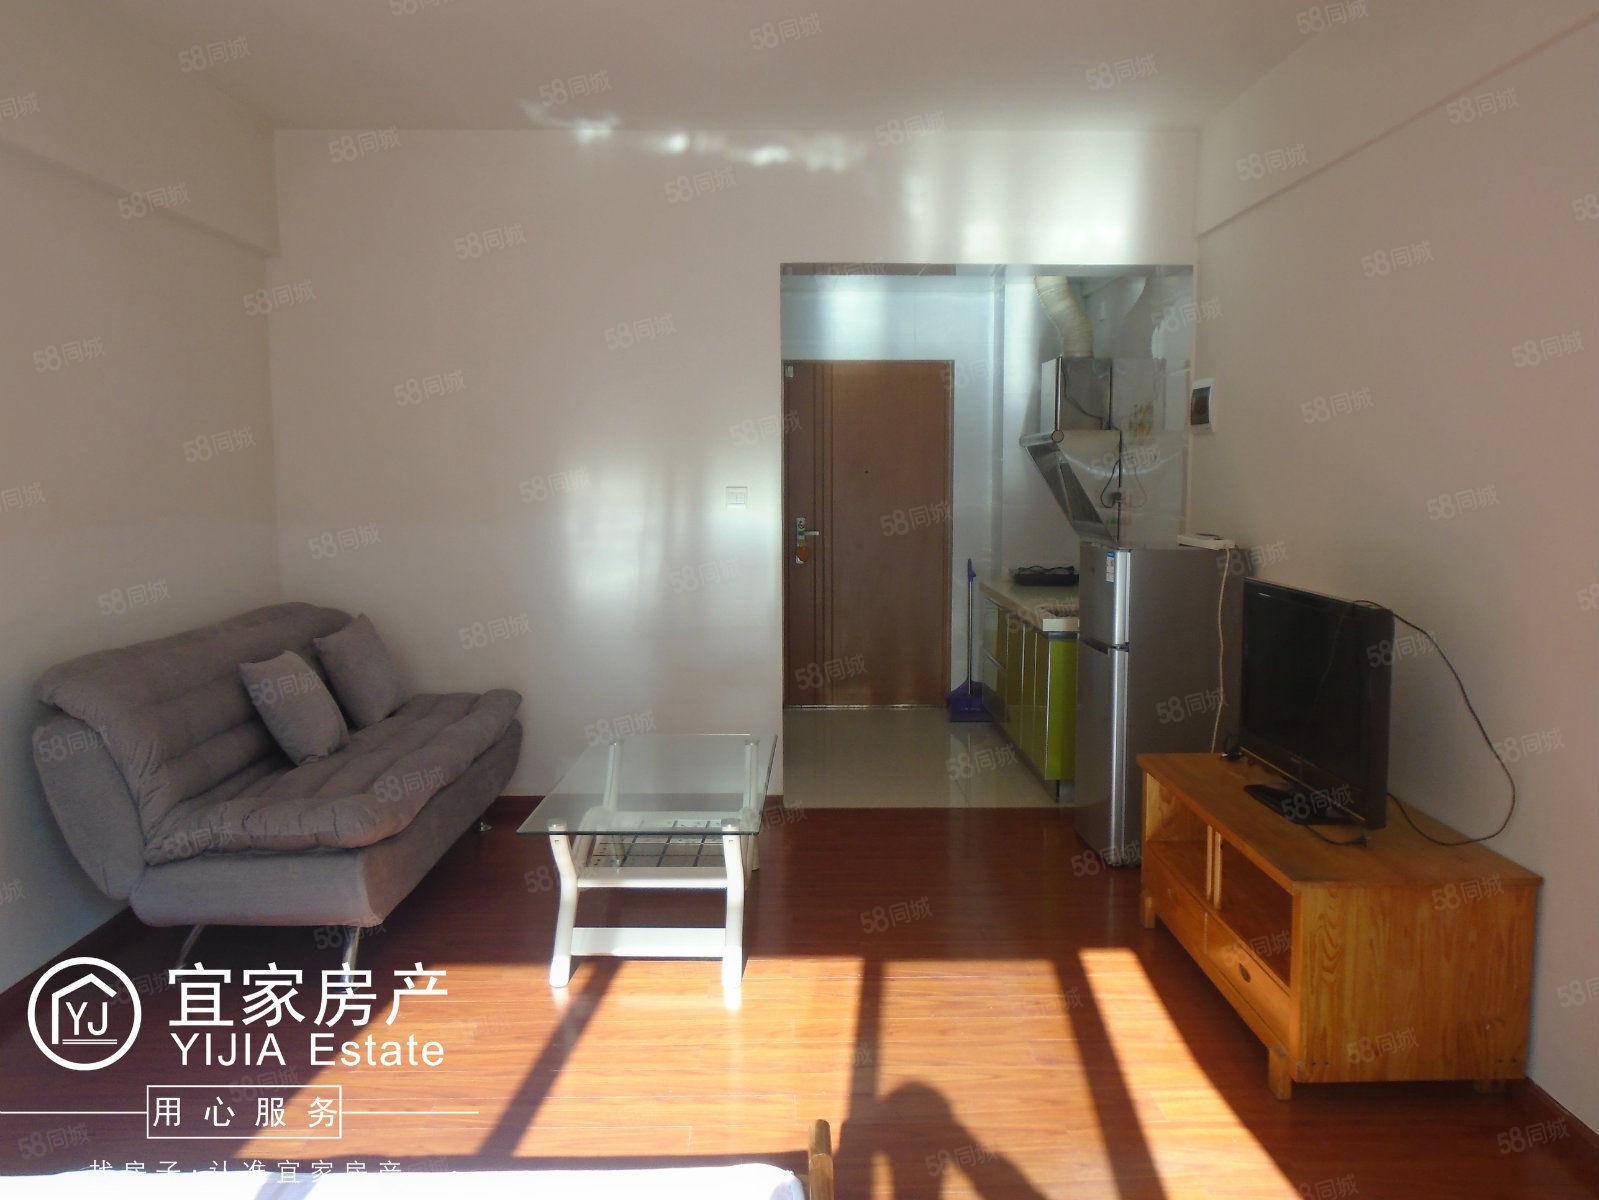 时代广场、单身公寓、1室1厅1厨1卫、精装、带全套家电可做饭